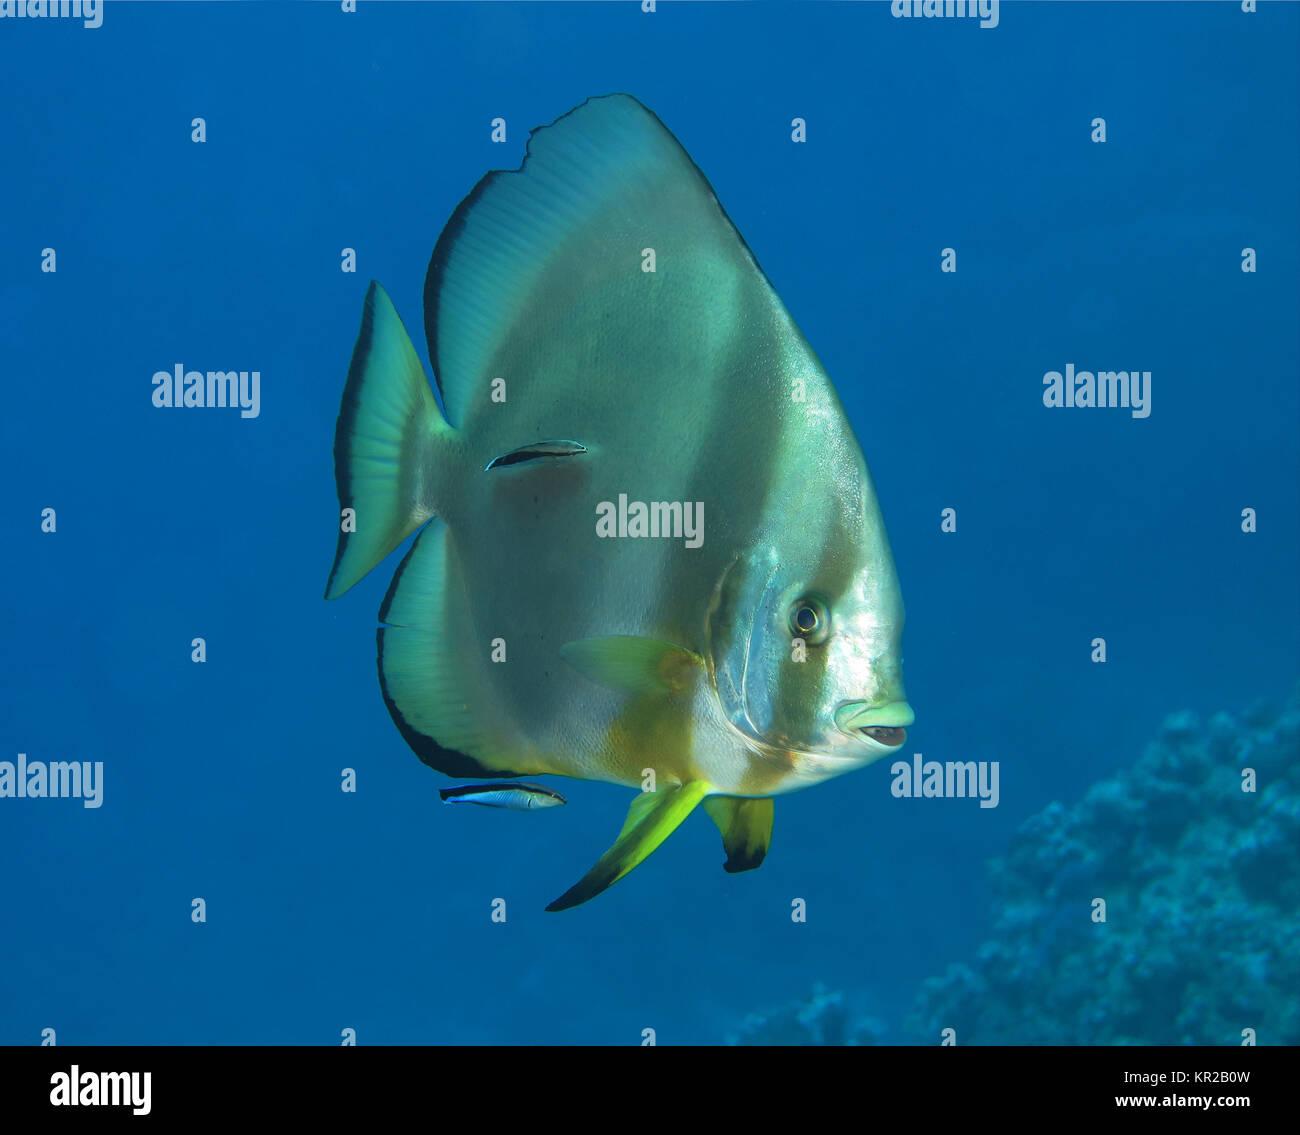 Pez murciélago habitual Platax orbicularis, Saint John?s Reef, el Mar Rojo, Egipto / Egipto, Gewoehnlicher Fledermausfisch (Platax orbicularis), Saint John's Riff Foto de stock